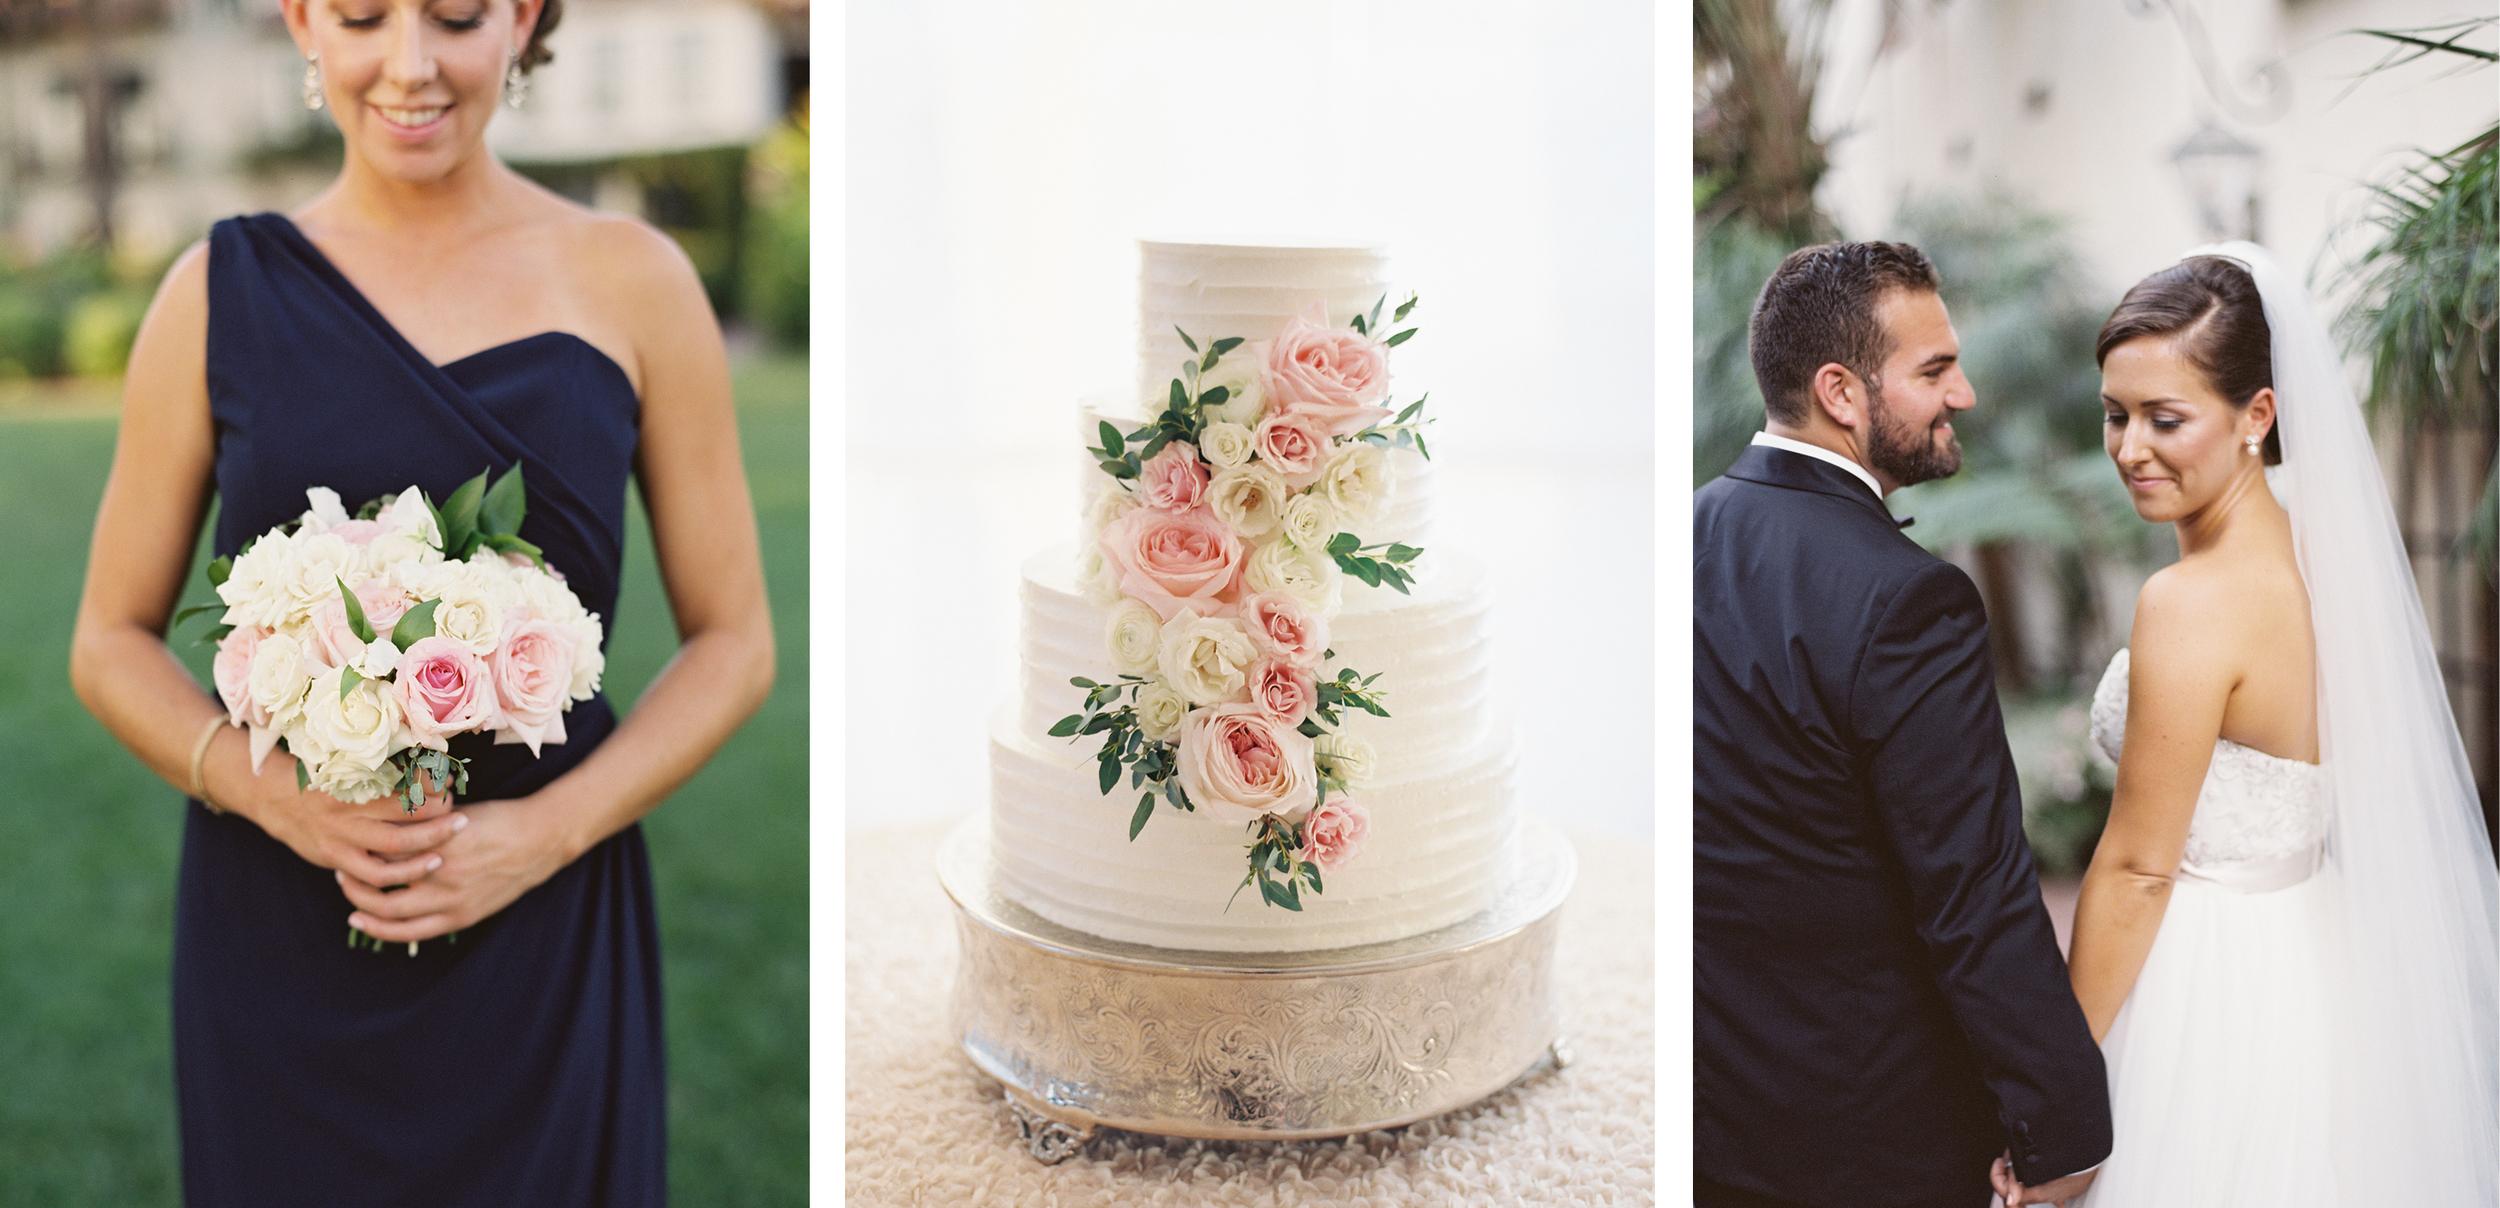 magnoliaeventdesign.com | Magnolia Event Design | Santa Barbara Wedding Planning and Design